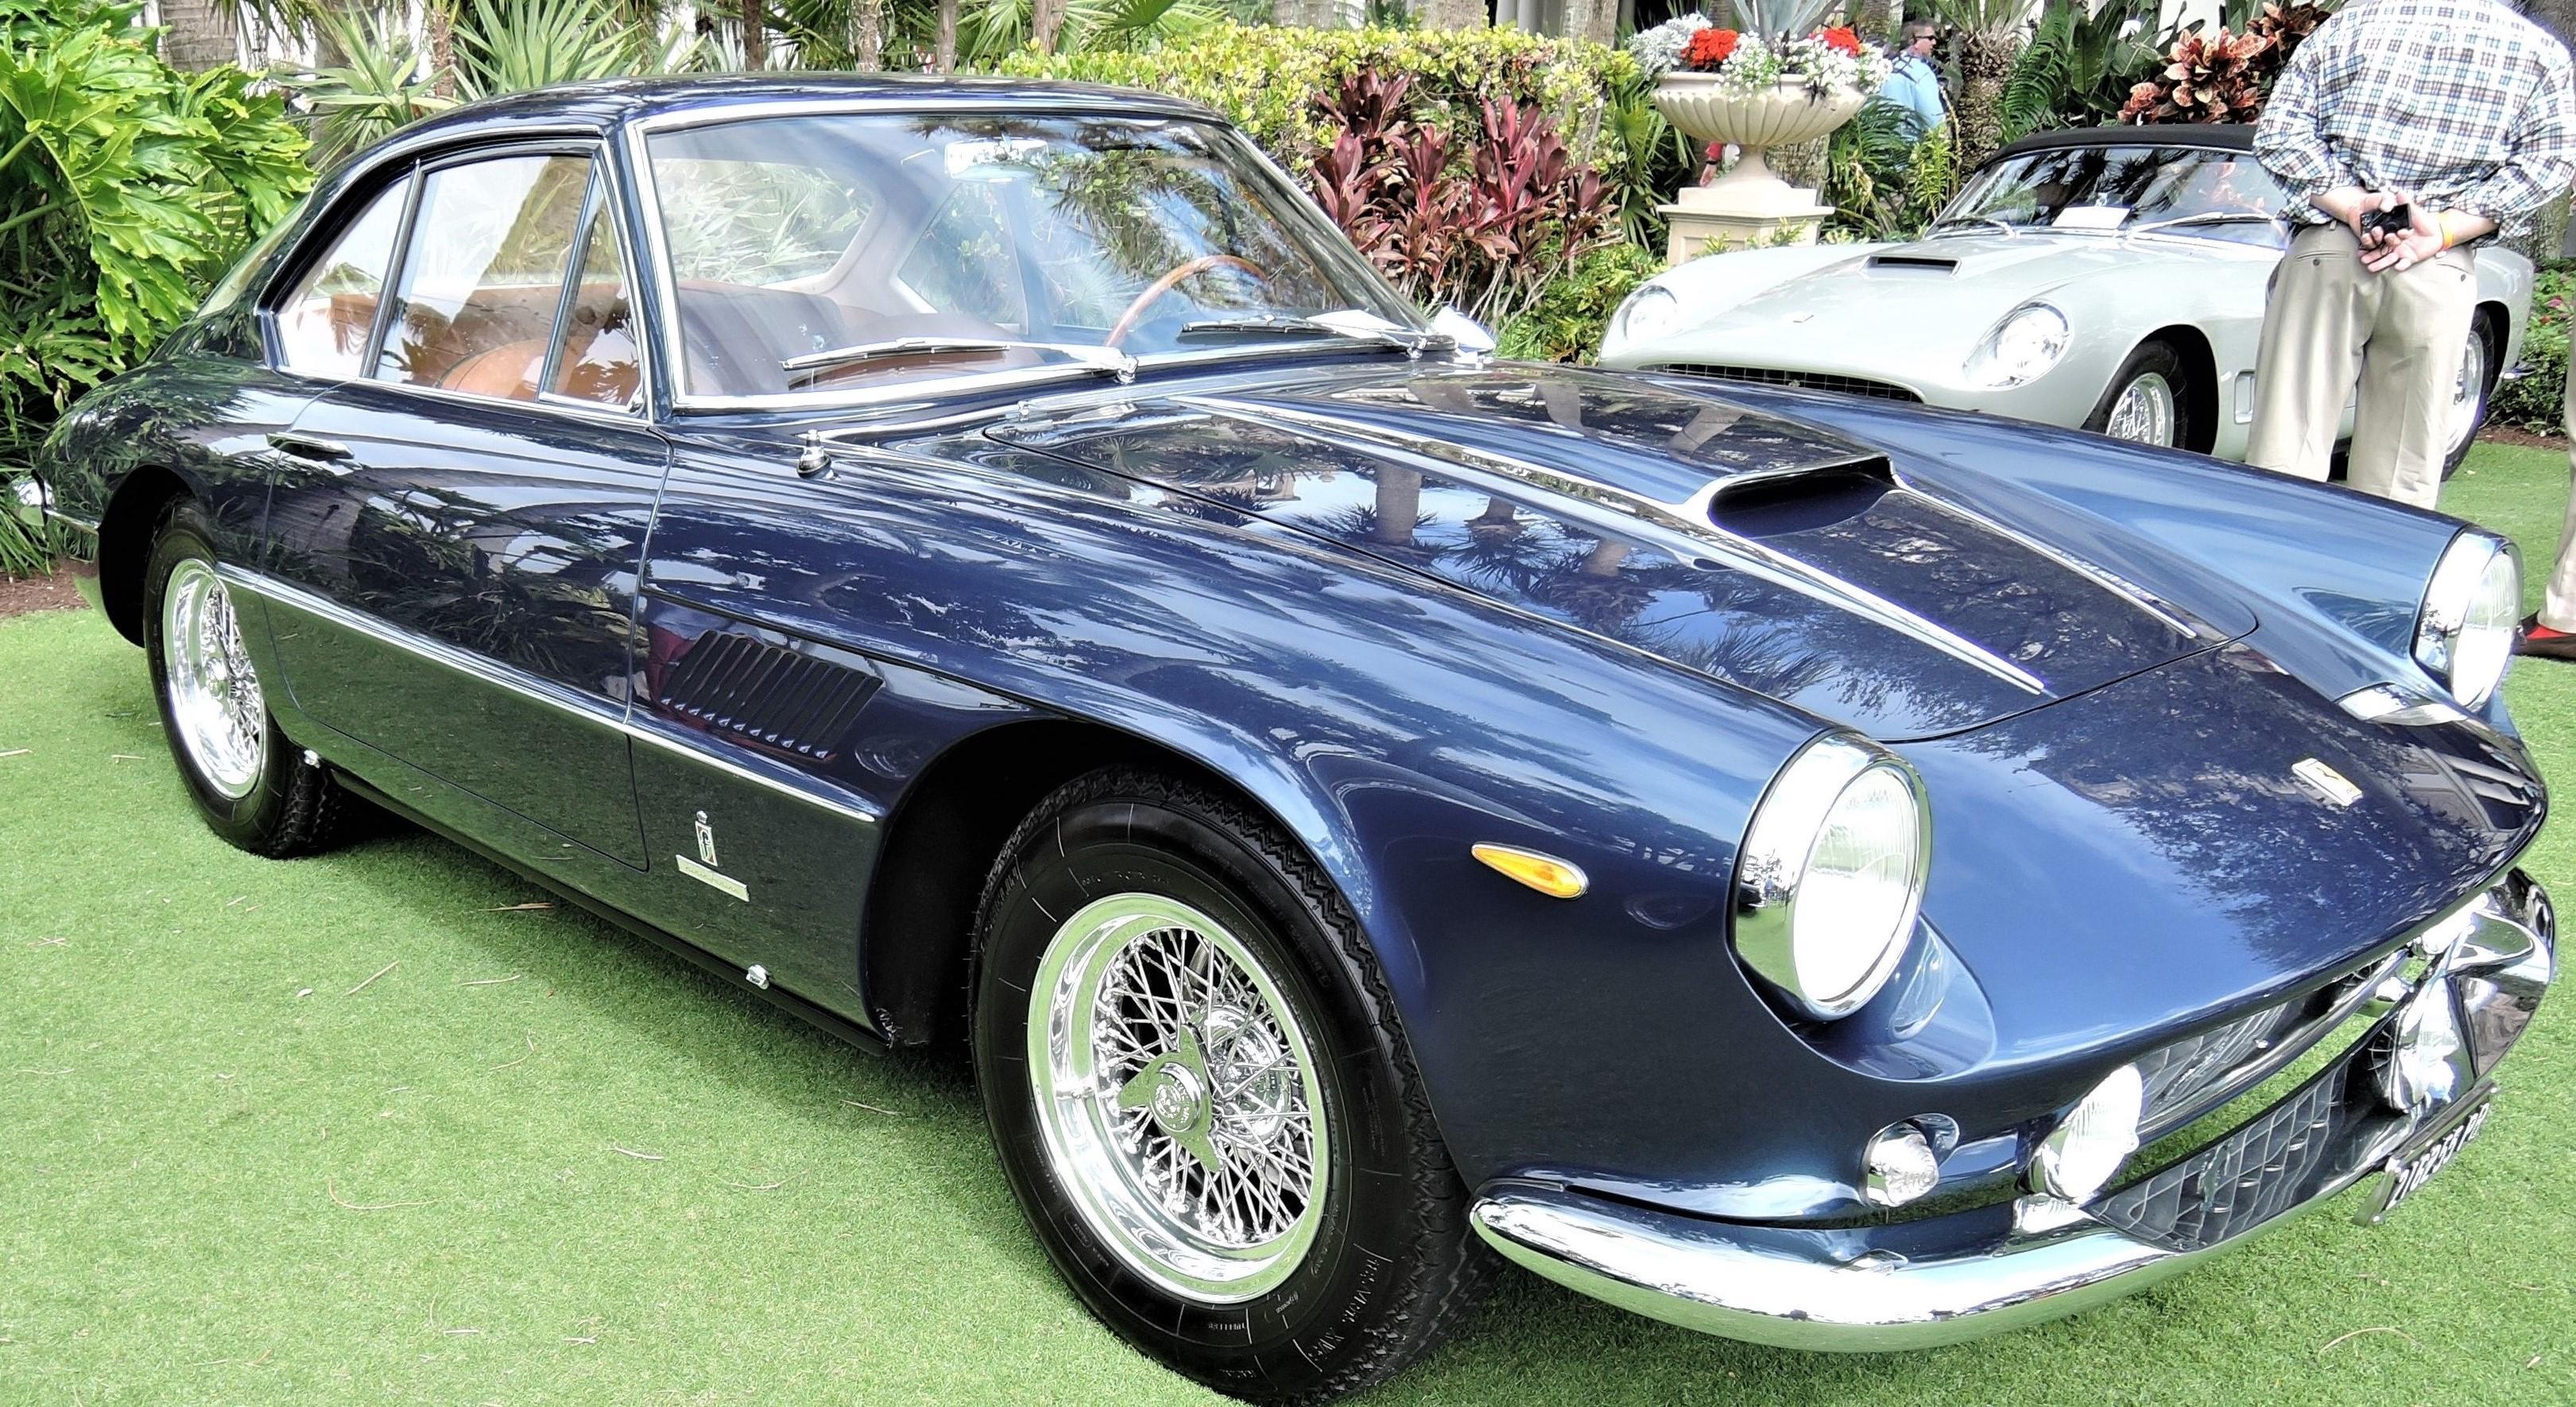 blue 1961 Ferrari Superamerica; Sn 2841 SA - Cavallino 2018 Concours